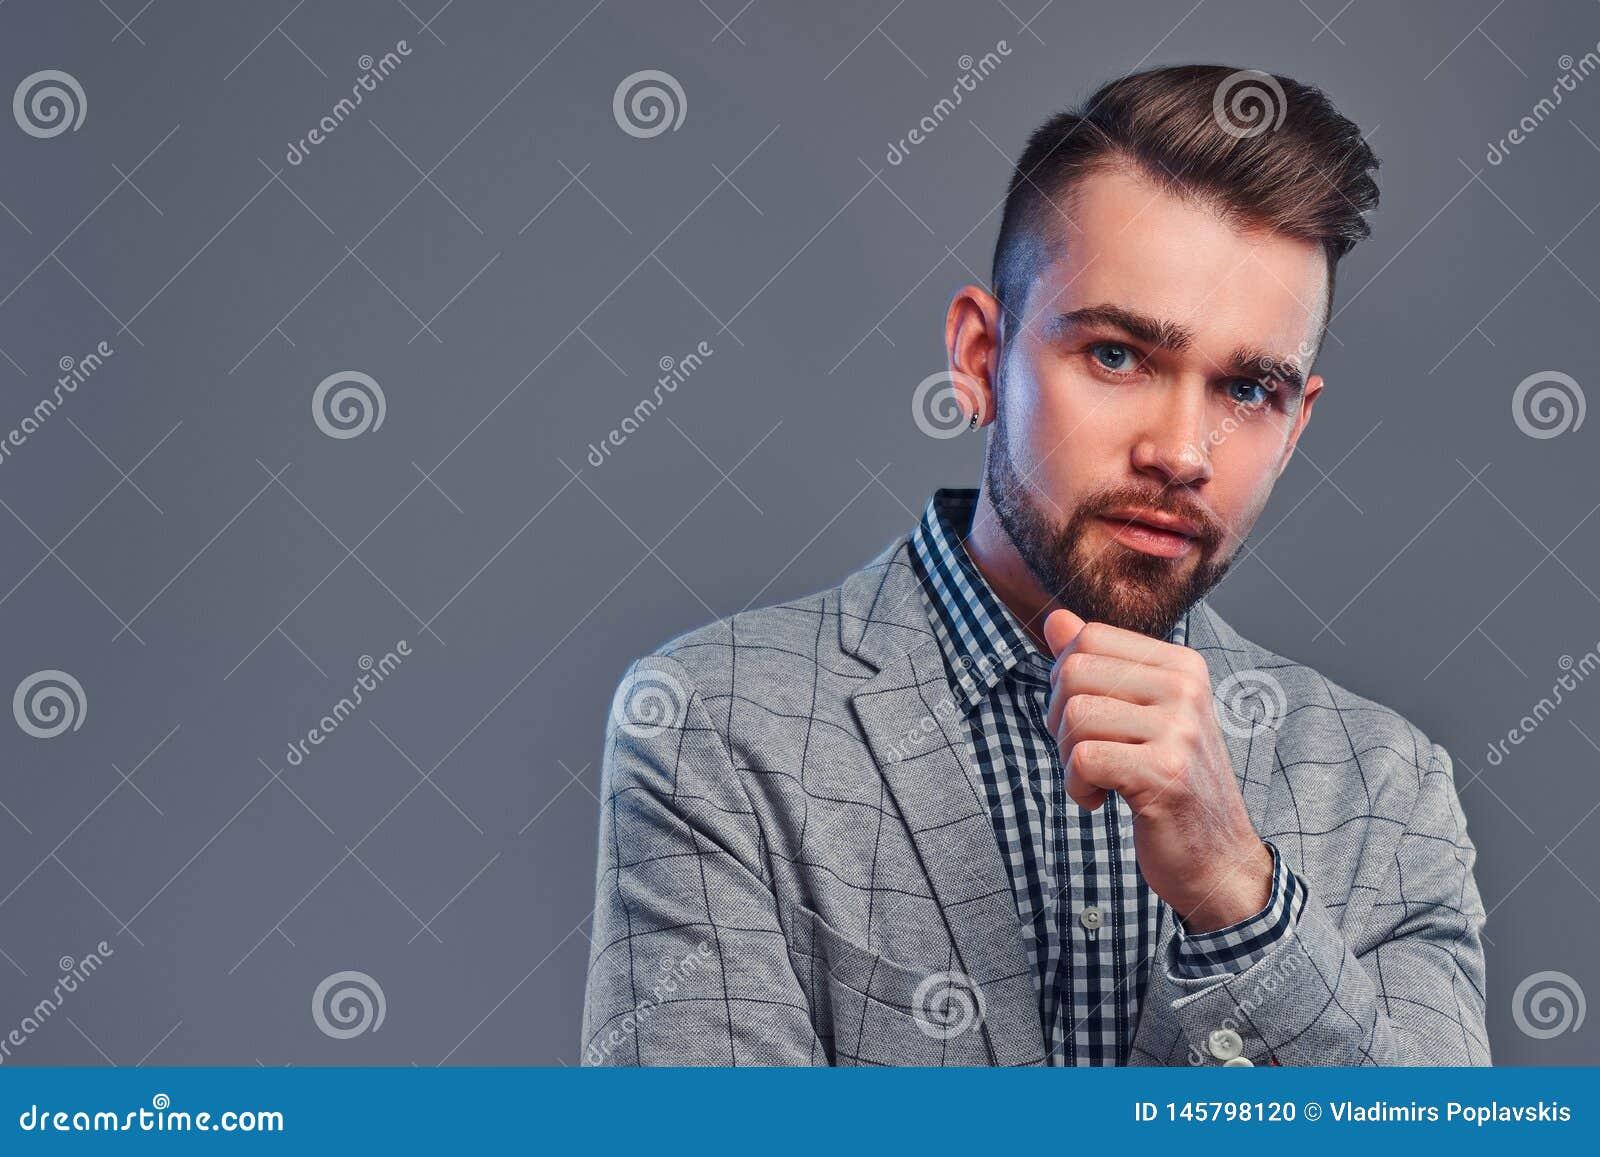 Porträt des attraktiven nachdenklichen Mannes im karierten Hemd und im grauen blaser